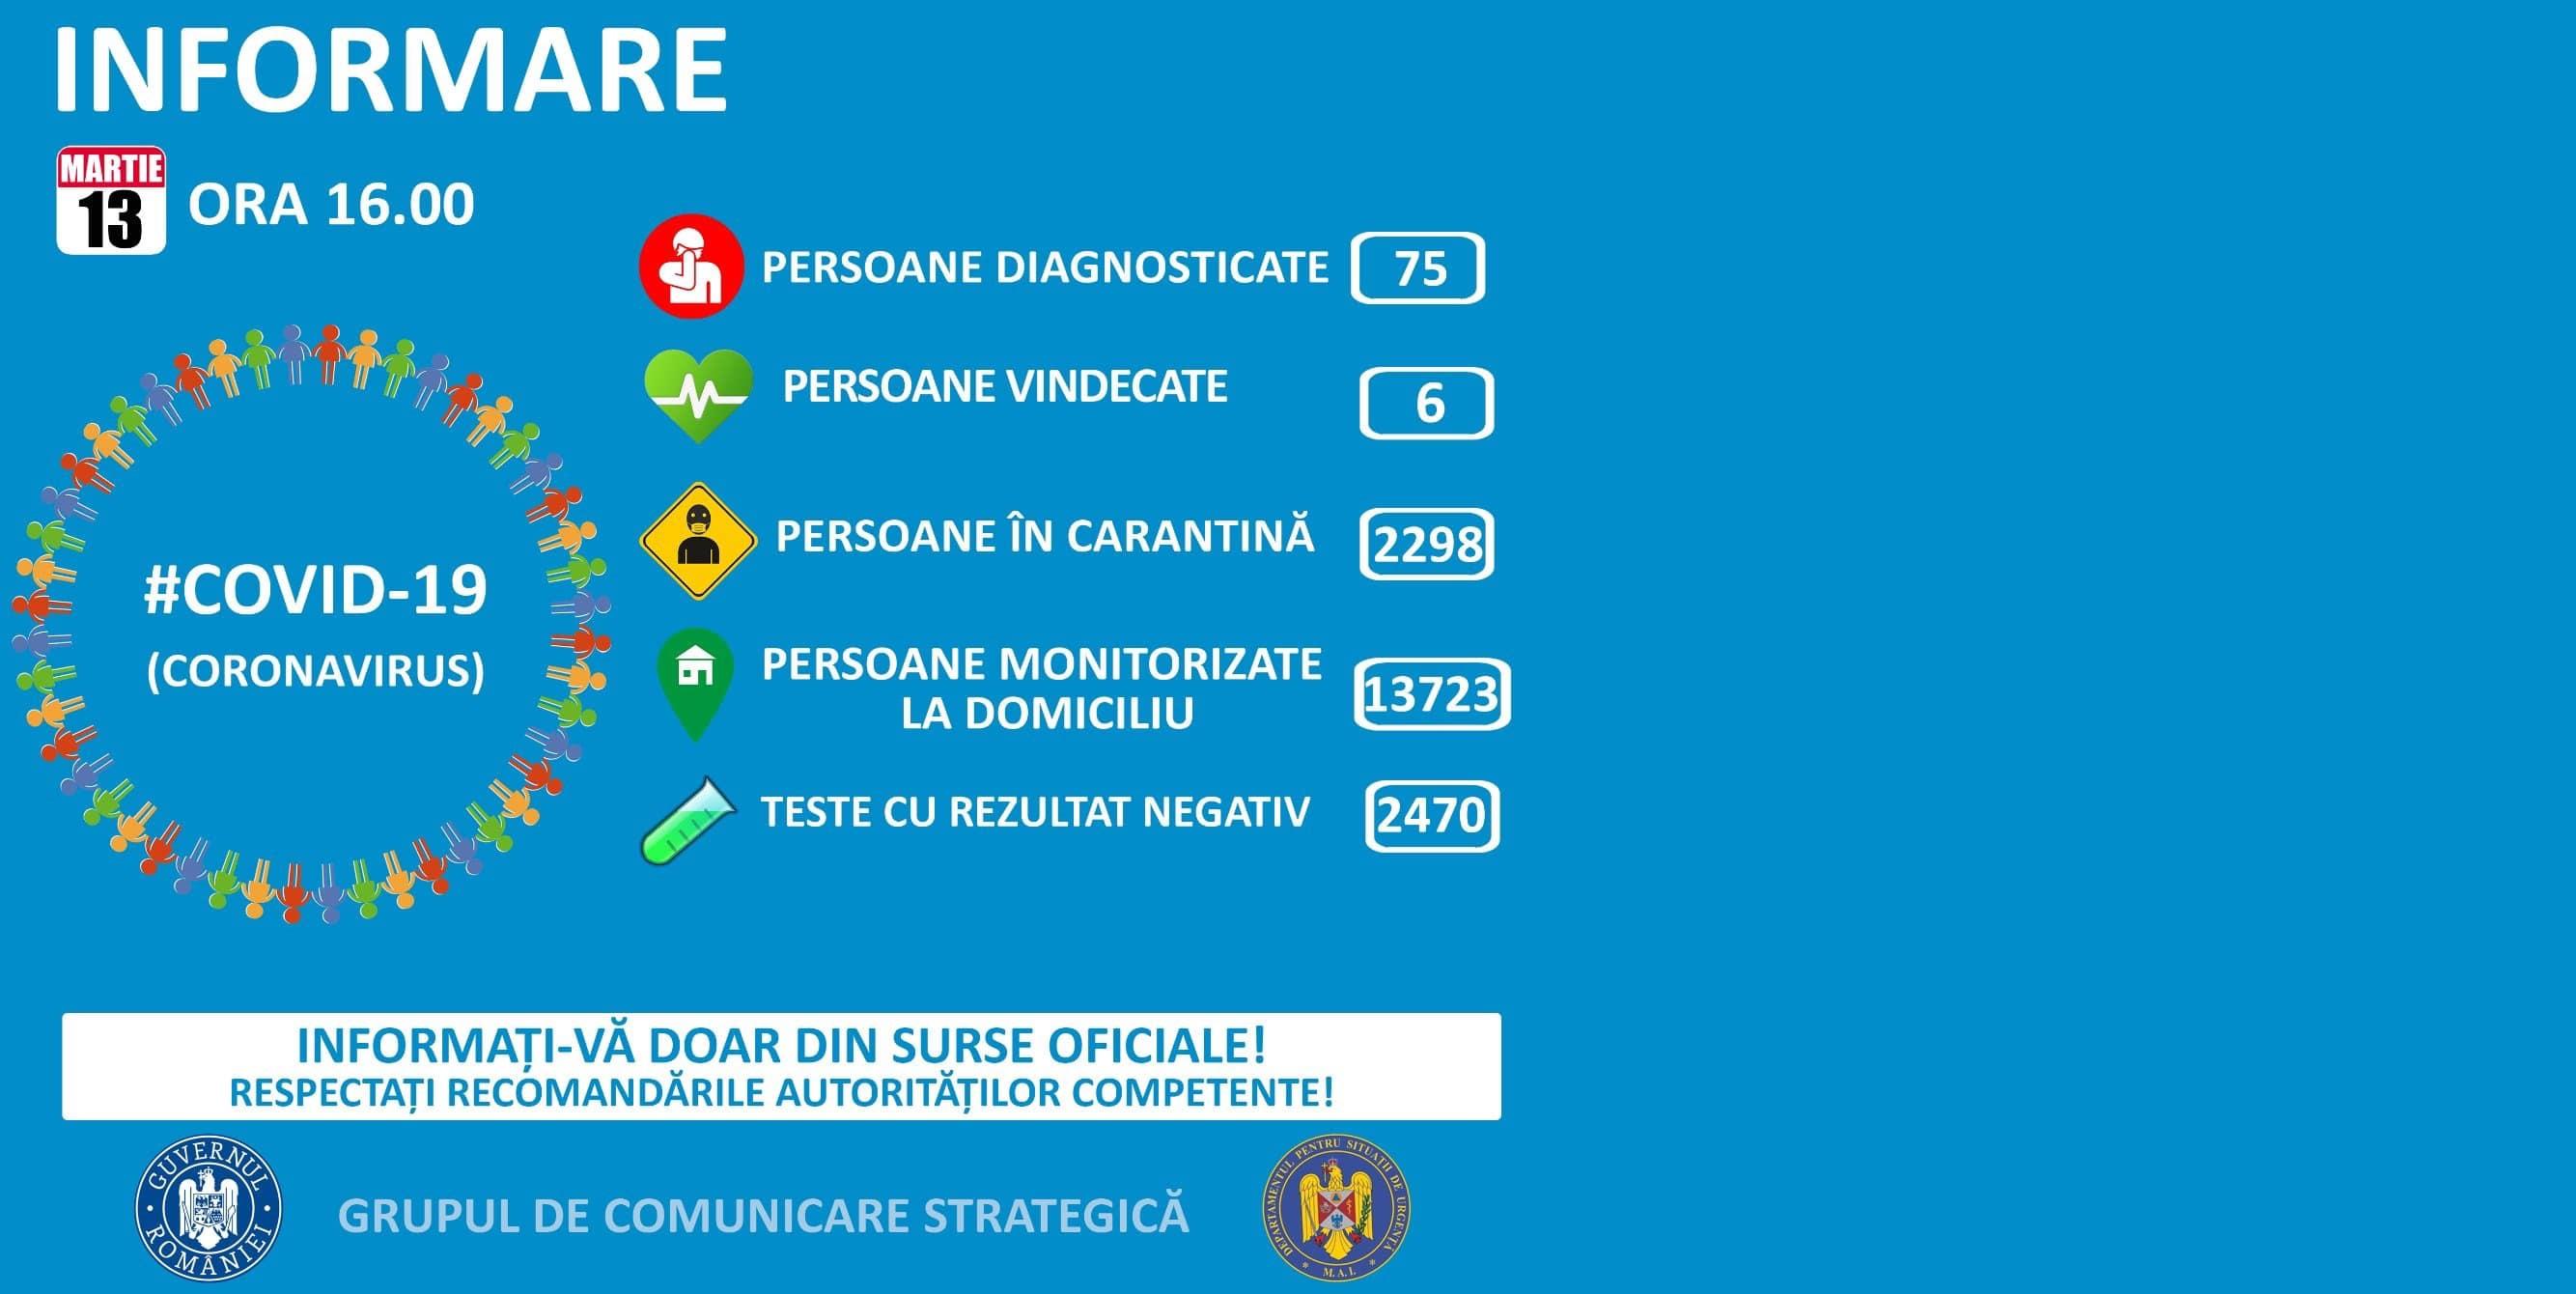 Până astăzi, 13 martie, ORA 16.00, pe teritoriul României, au fost confirmate 75 de cazuri de persoane infectate cu virusul COVID – 19 (coronavirus). Dintre cei 75 de cetățeni care au contactat virusul, șase sunt declarați vindecați și au fost externați.